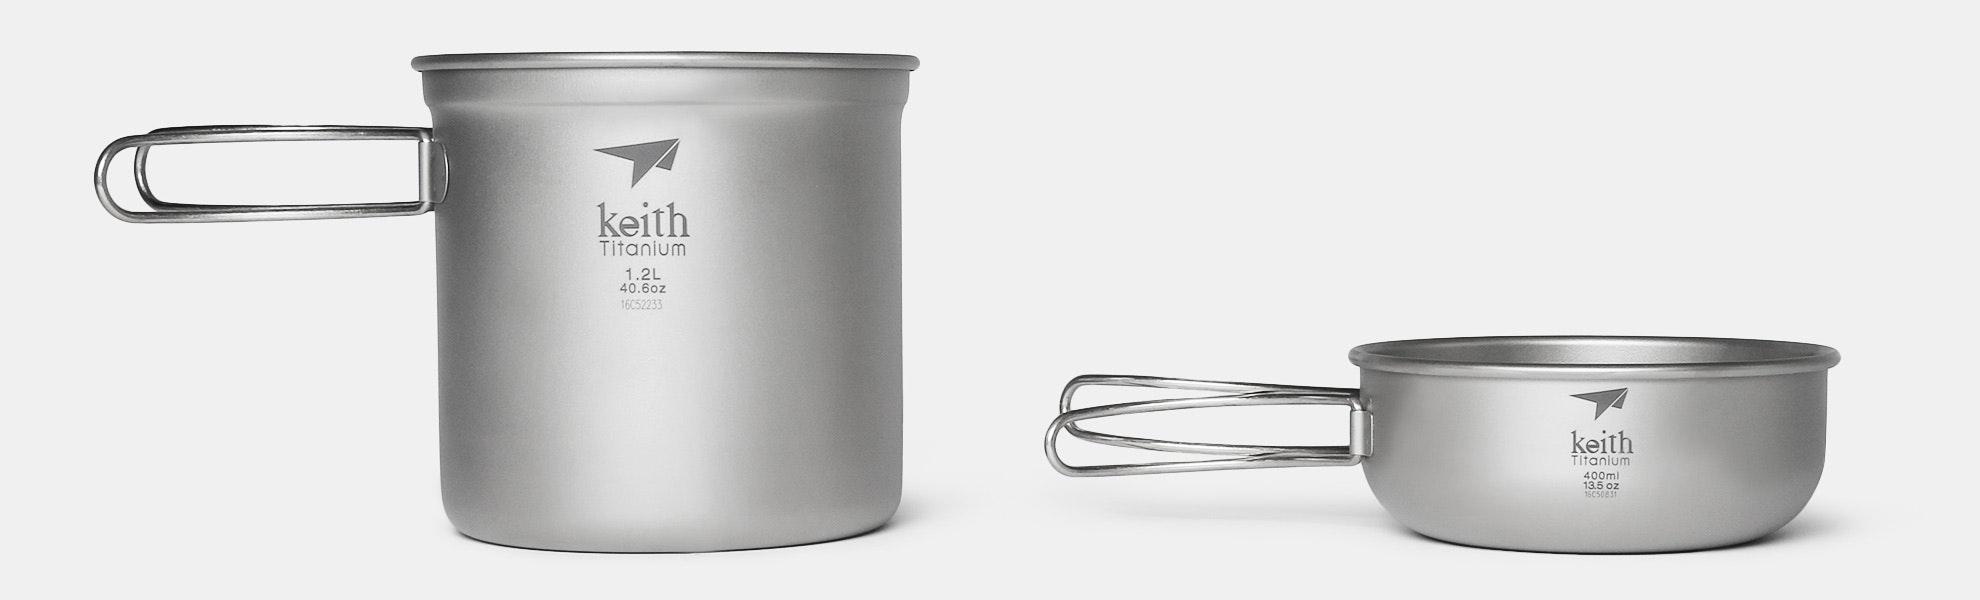 Keith Ti6051 Titanium 2-Piece Pot & Bowl Set